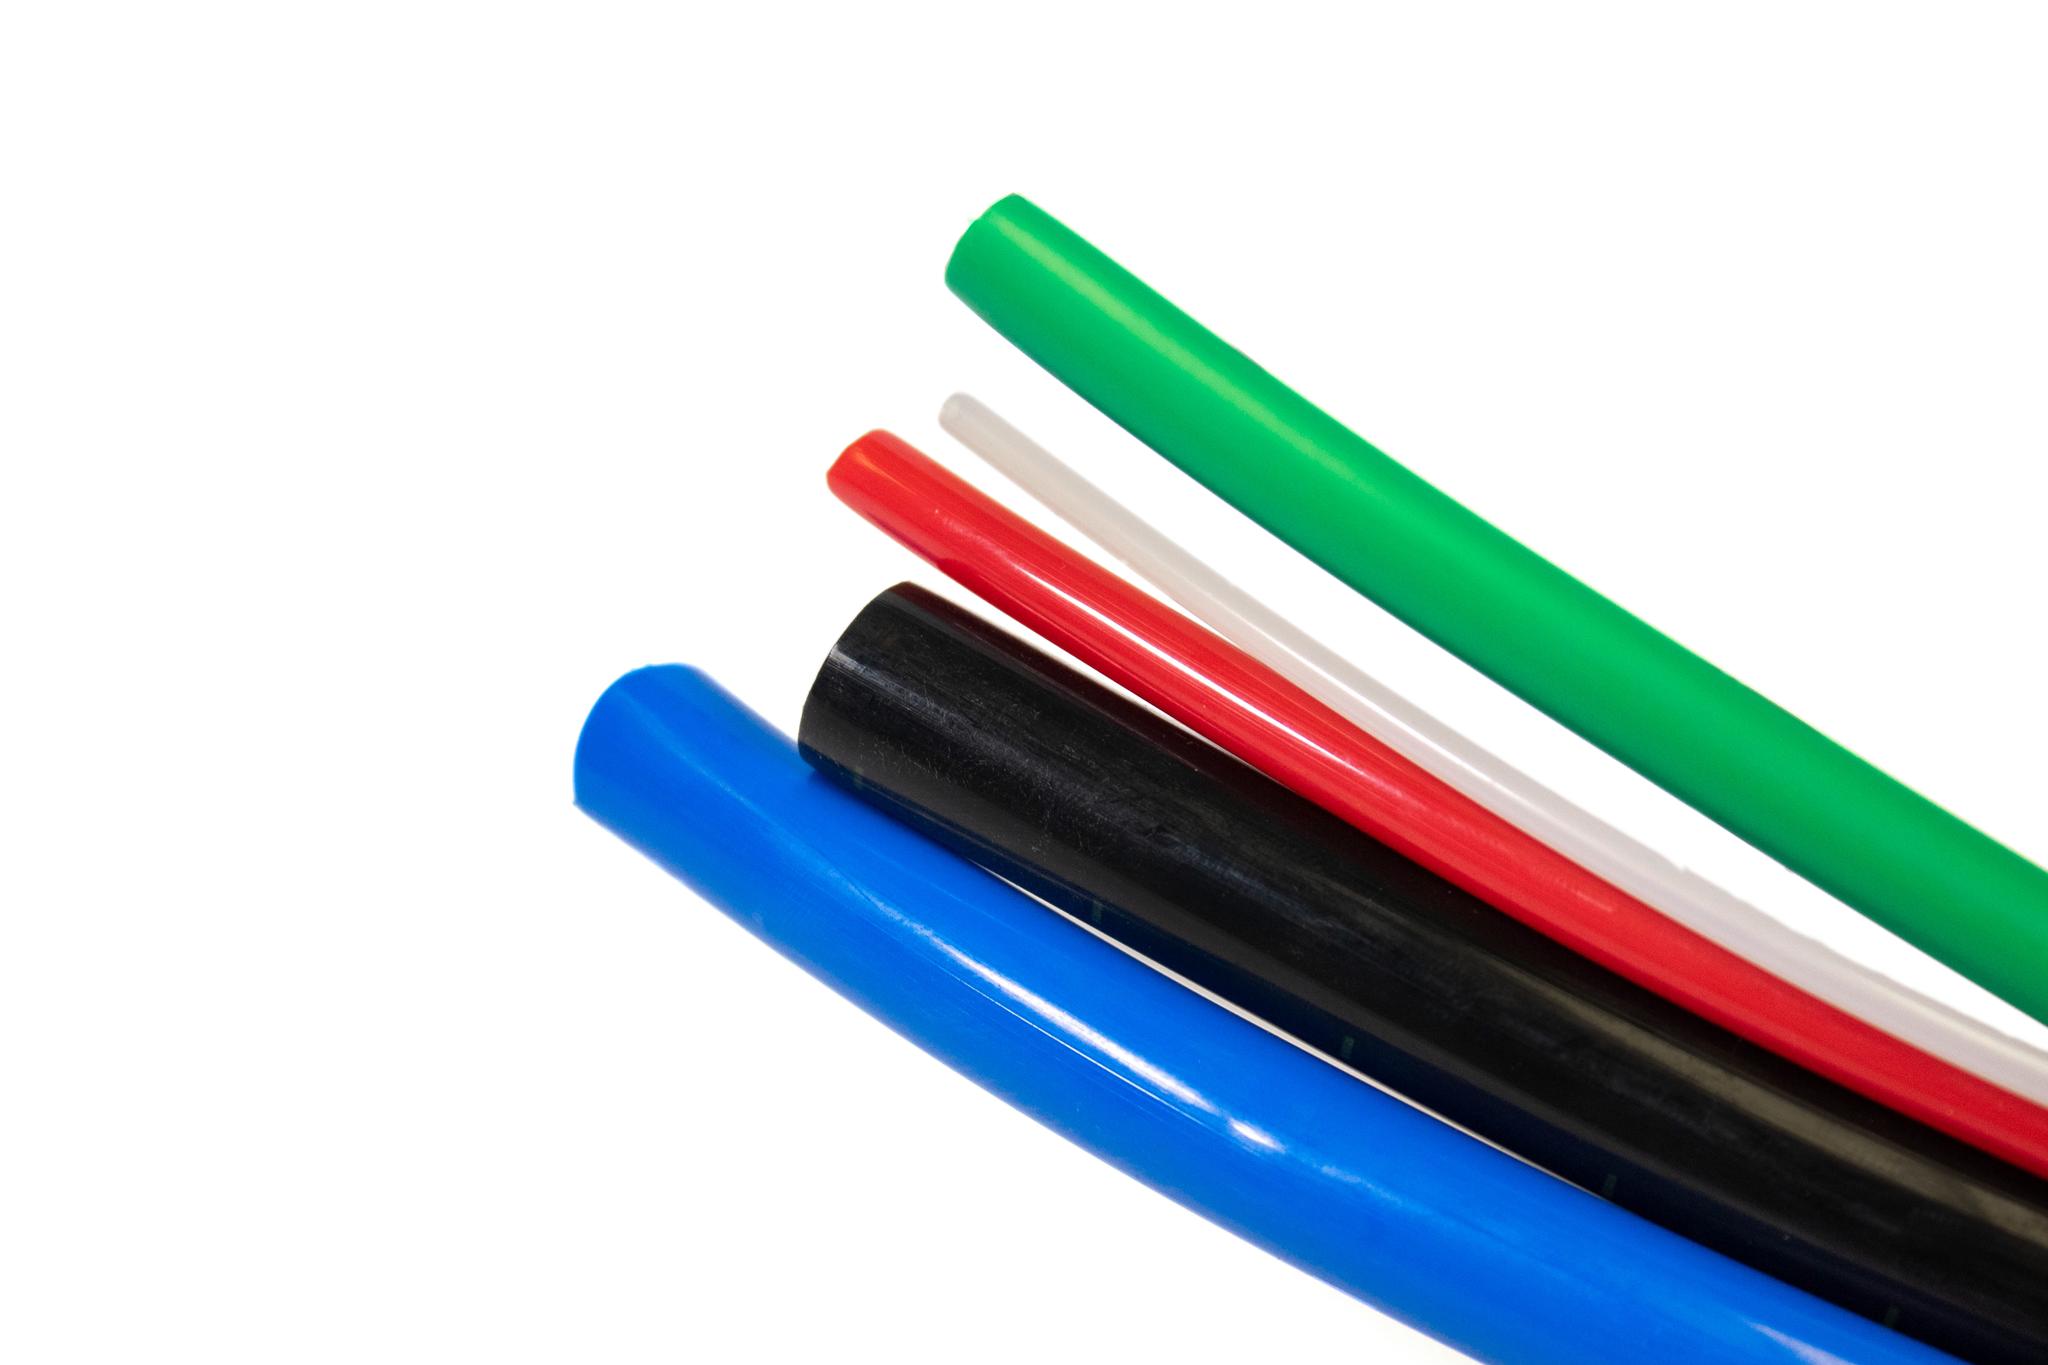 Flexible Nylon Hose Tubing Standard Wall 10.0mm O/D x 7.0mm I/D x 1.5mm Wall Green